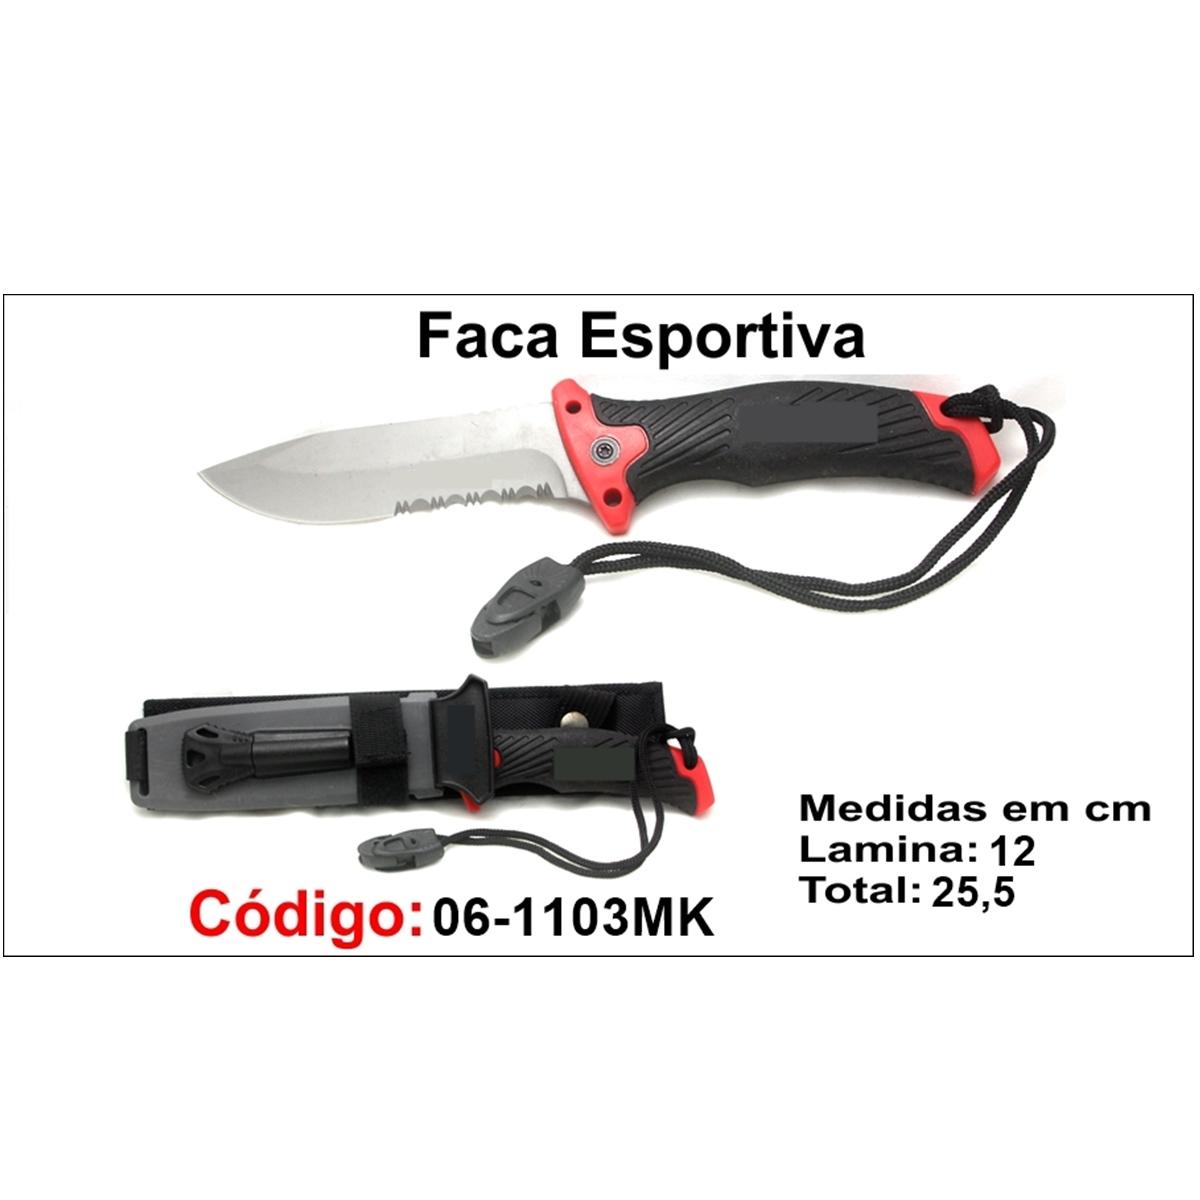 Faca Esportiva Com Bainha Modelo Caça Pesca Etc 06-1103MK